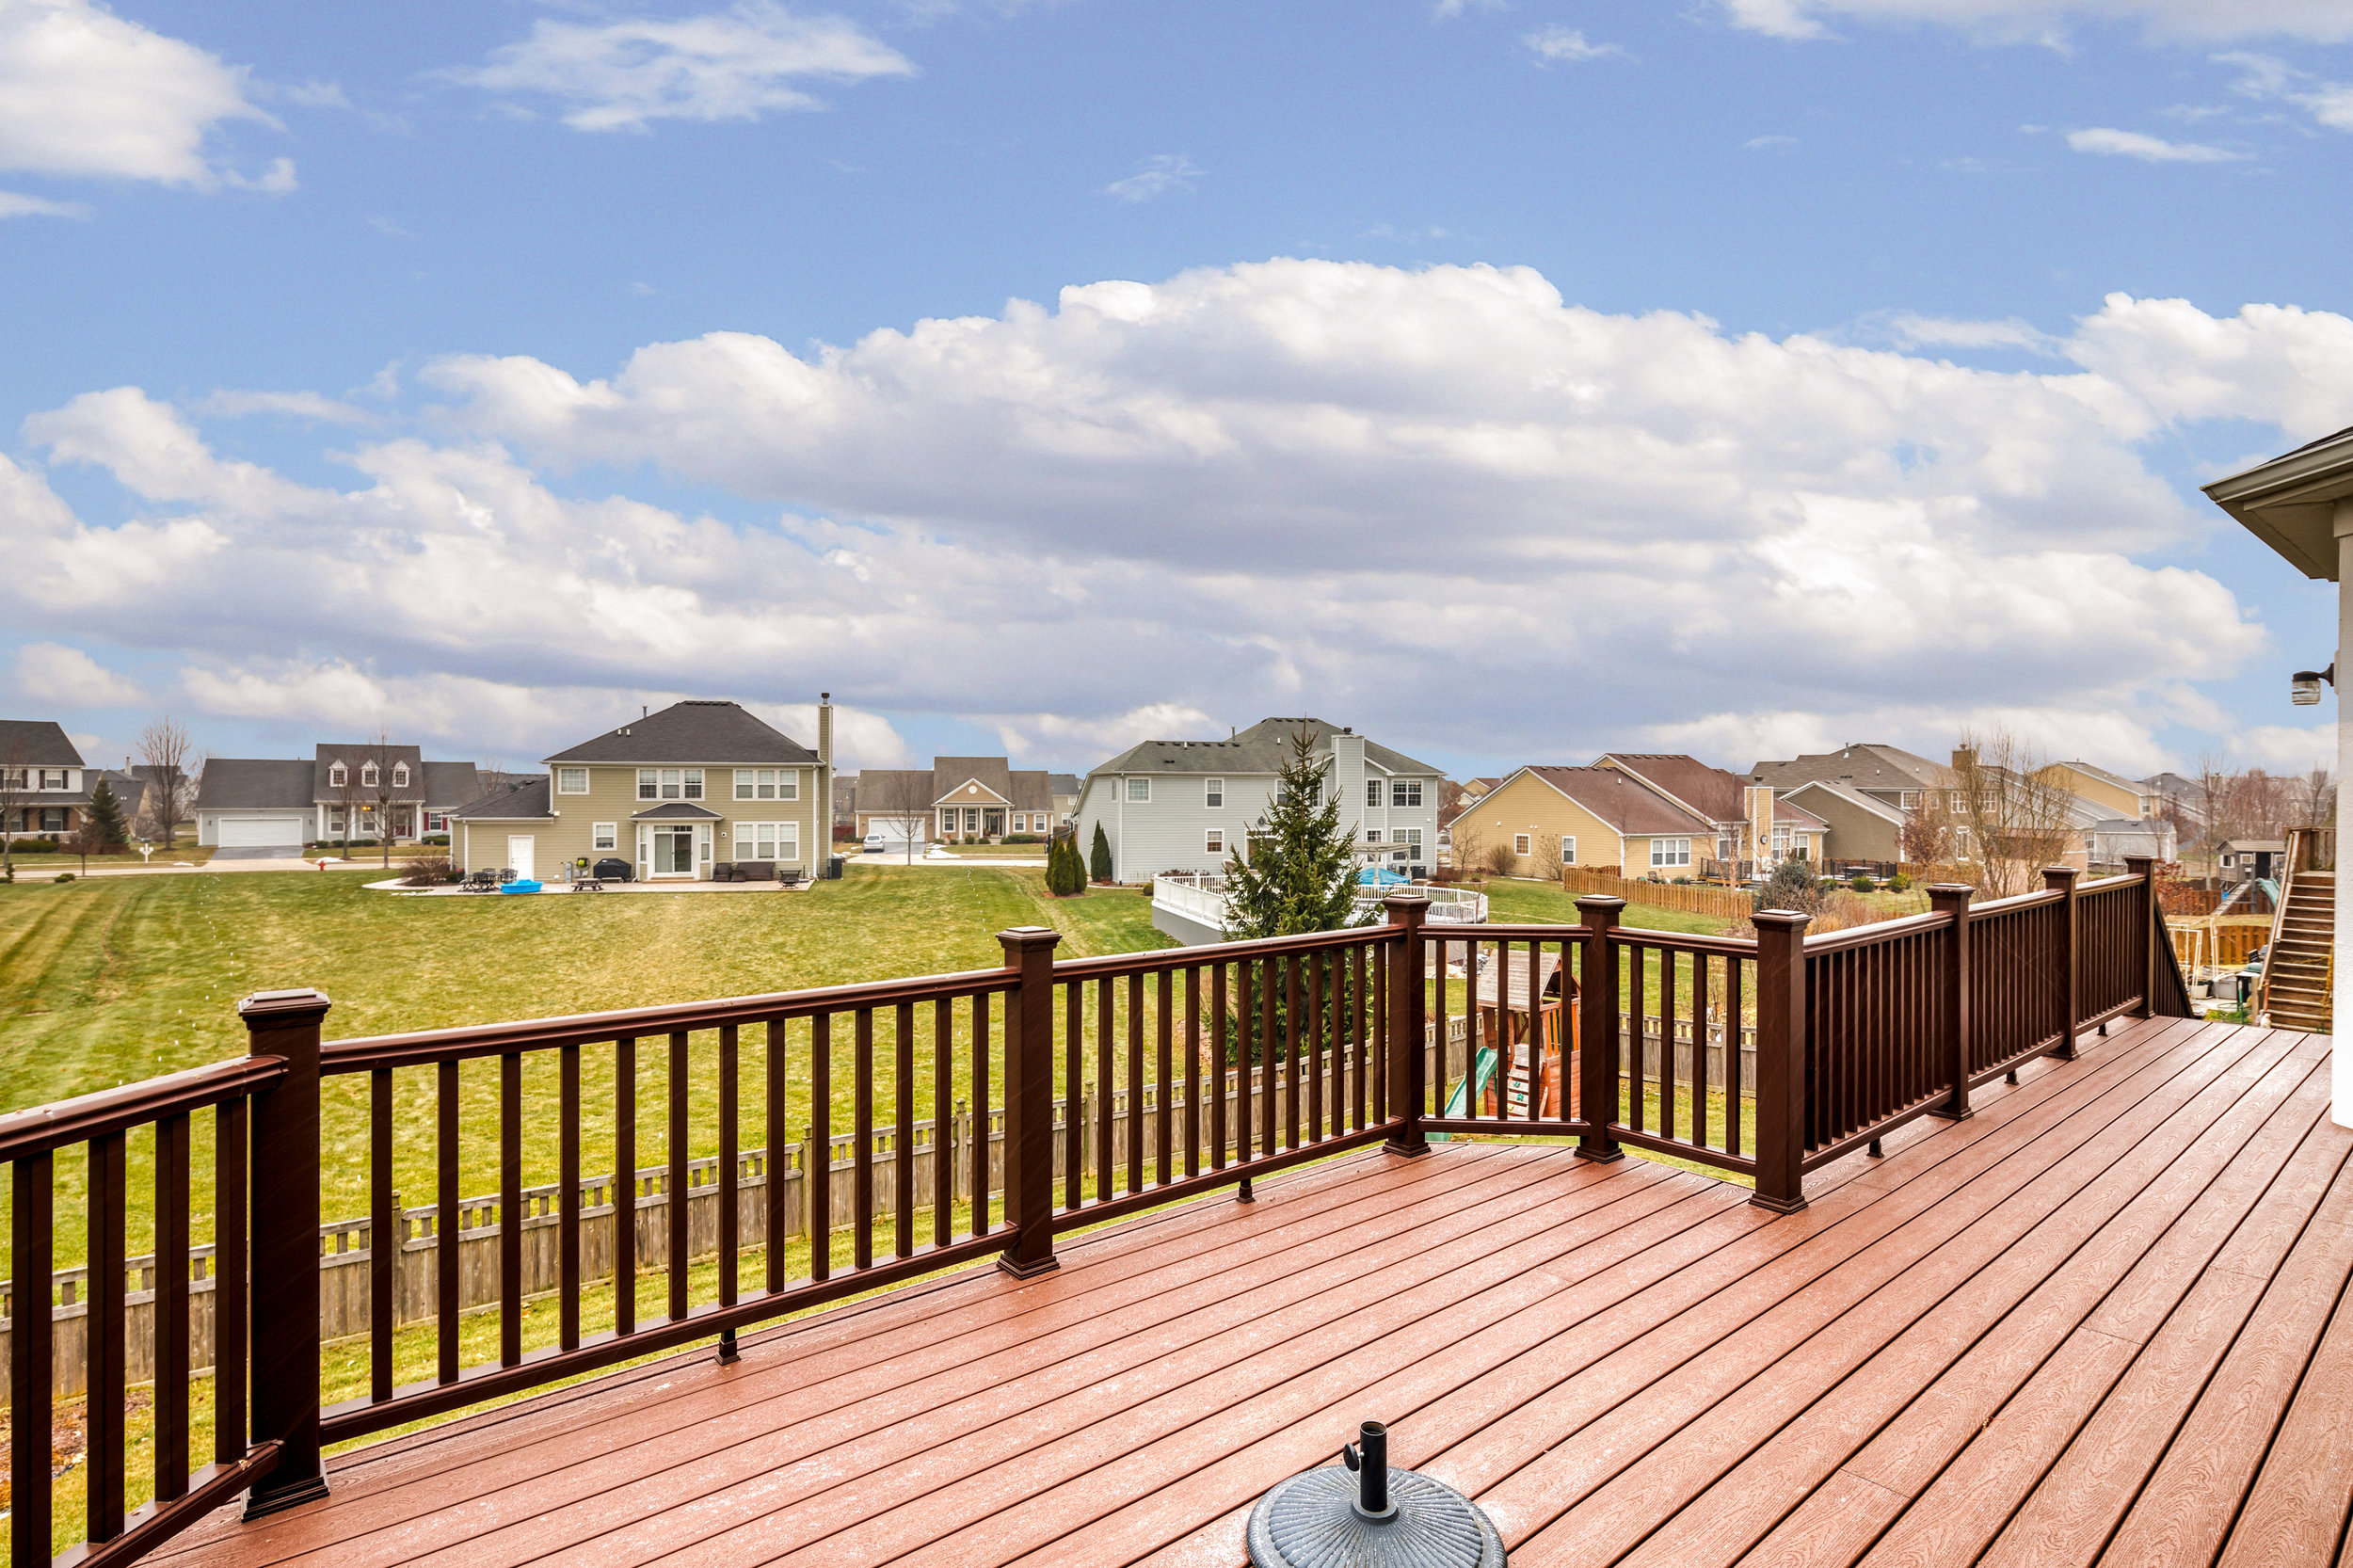 Exterior Deck View.jpg